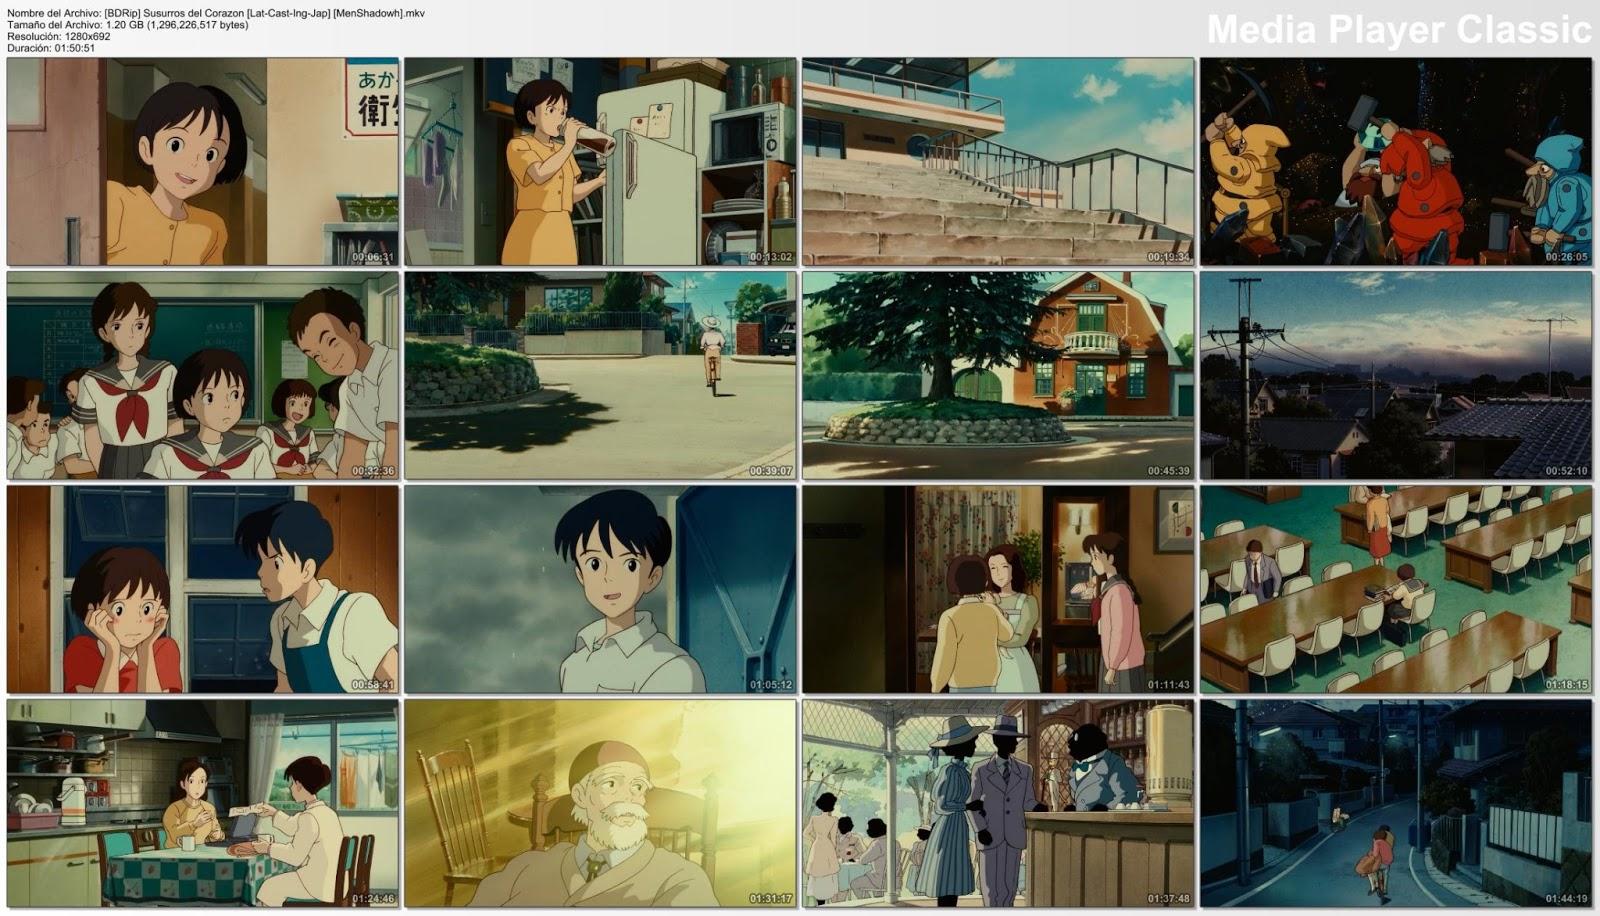 Смотреть онлайн ролики бесплатно в хорошем качестве без регистрации 24 фотография